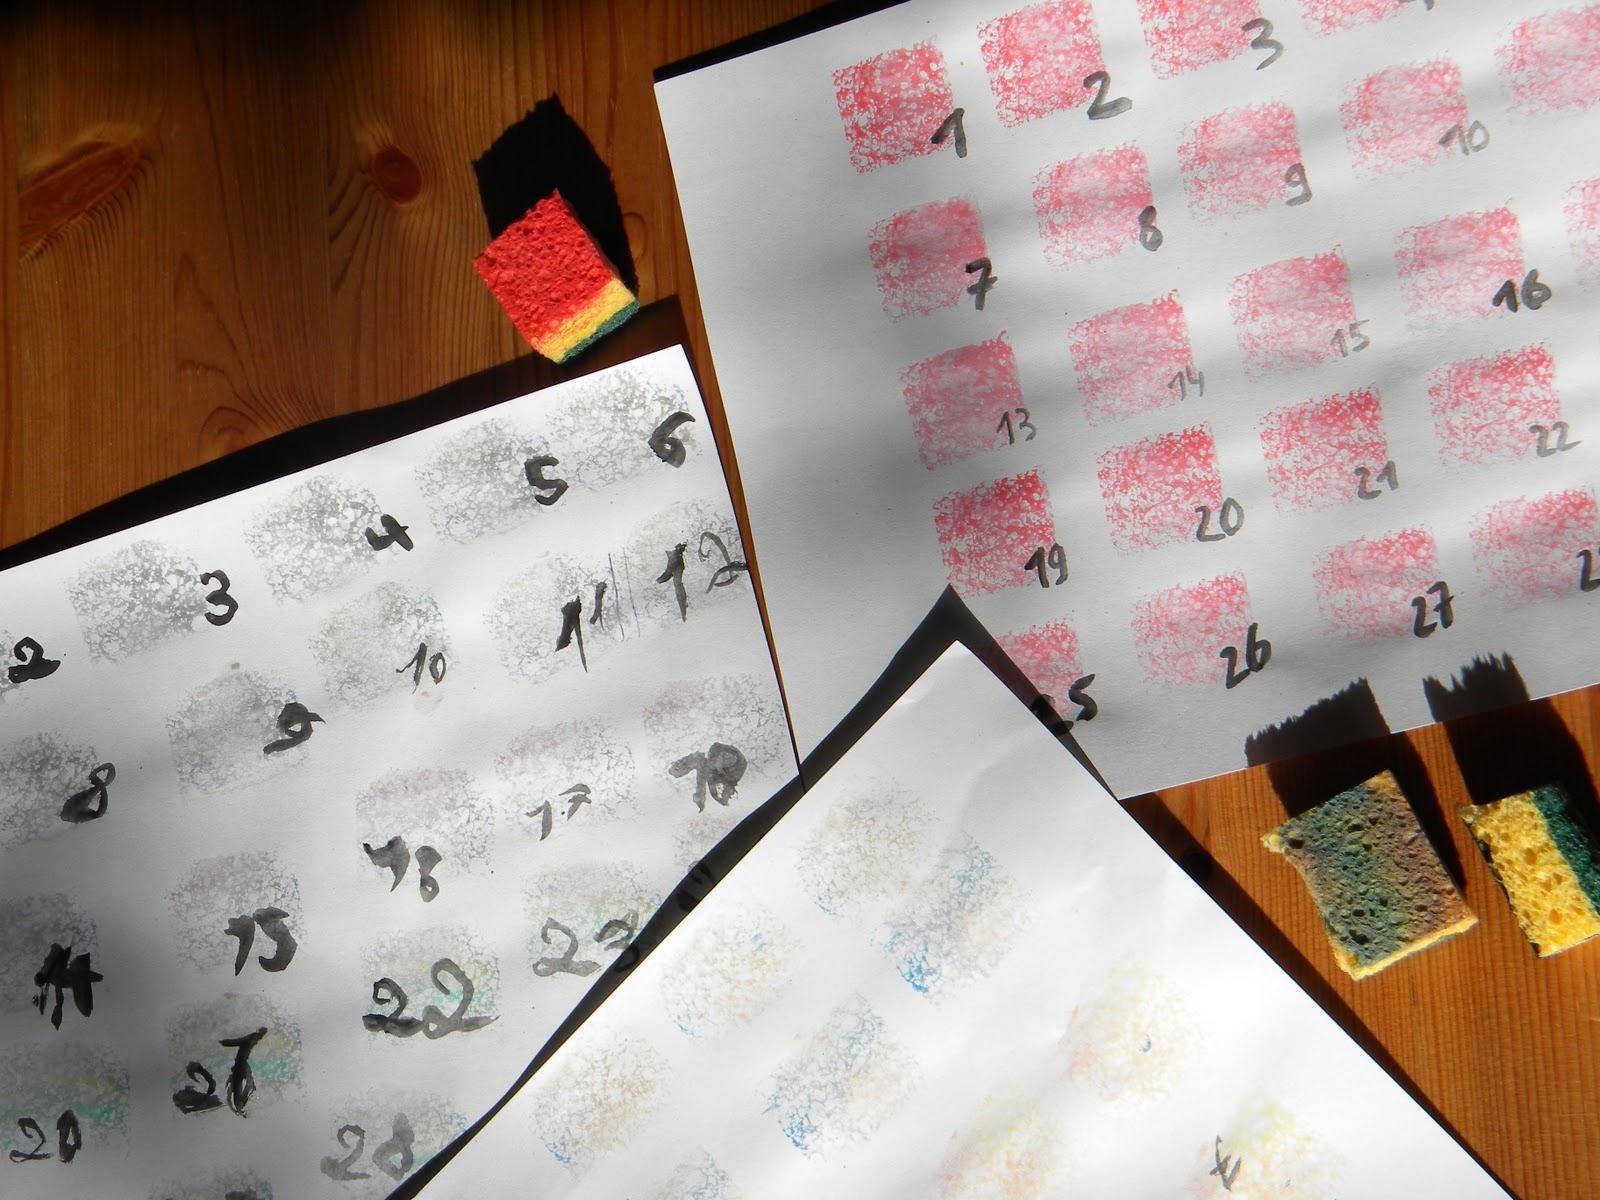 daisyd es que faire avec une ponge un calendrier. Black Bedroom Furniture Sets. Home Design Ideas